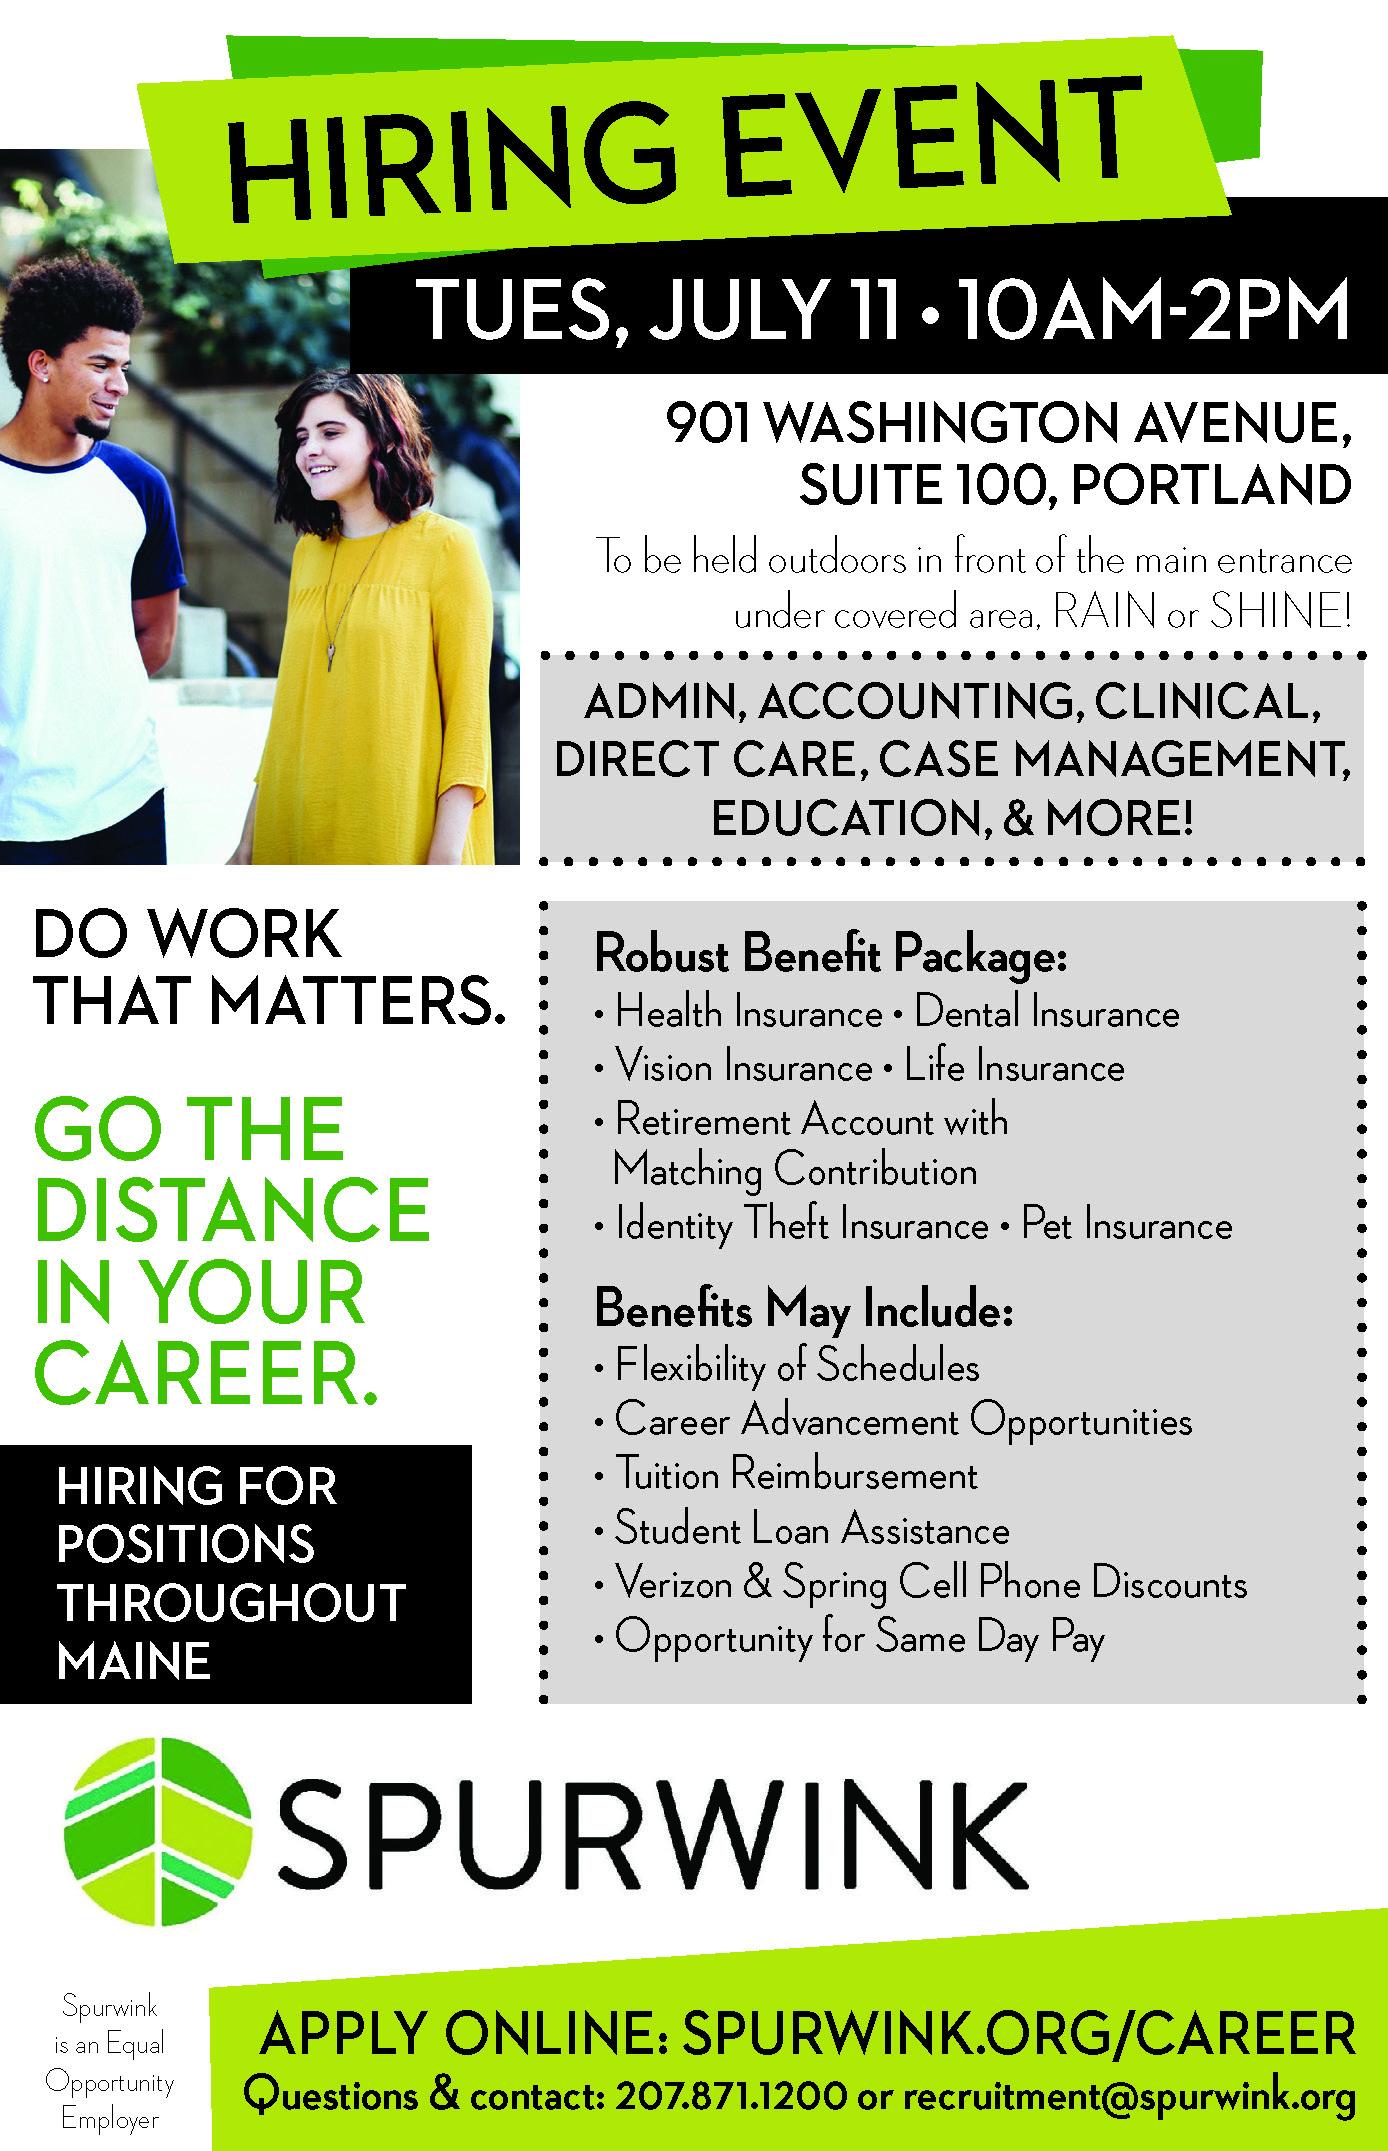 cstlouis@spurwink.org